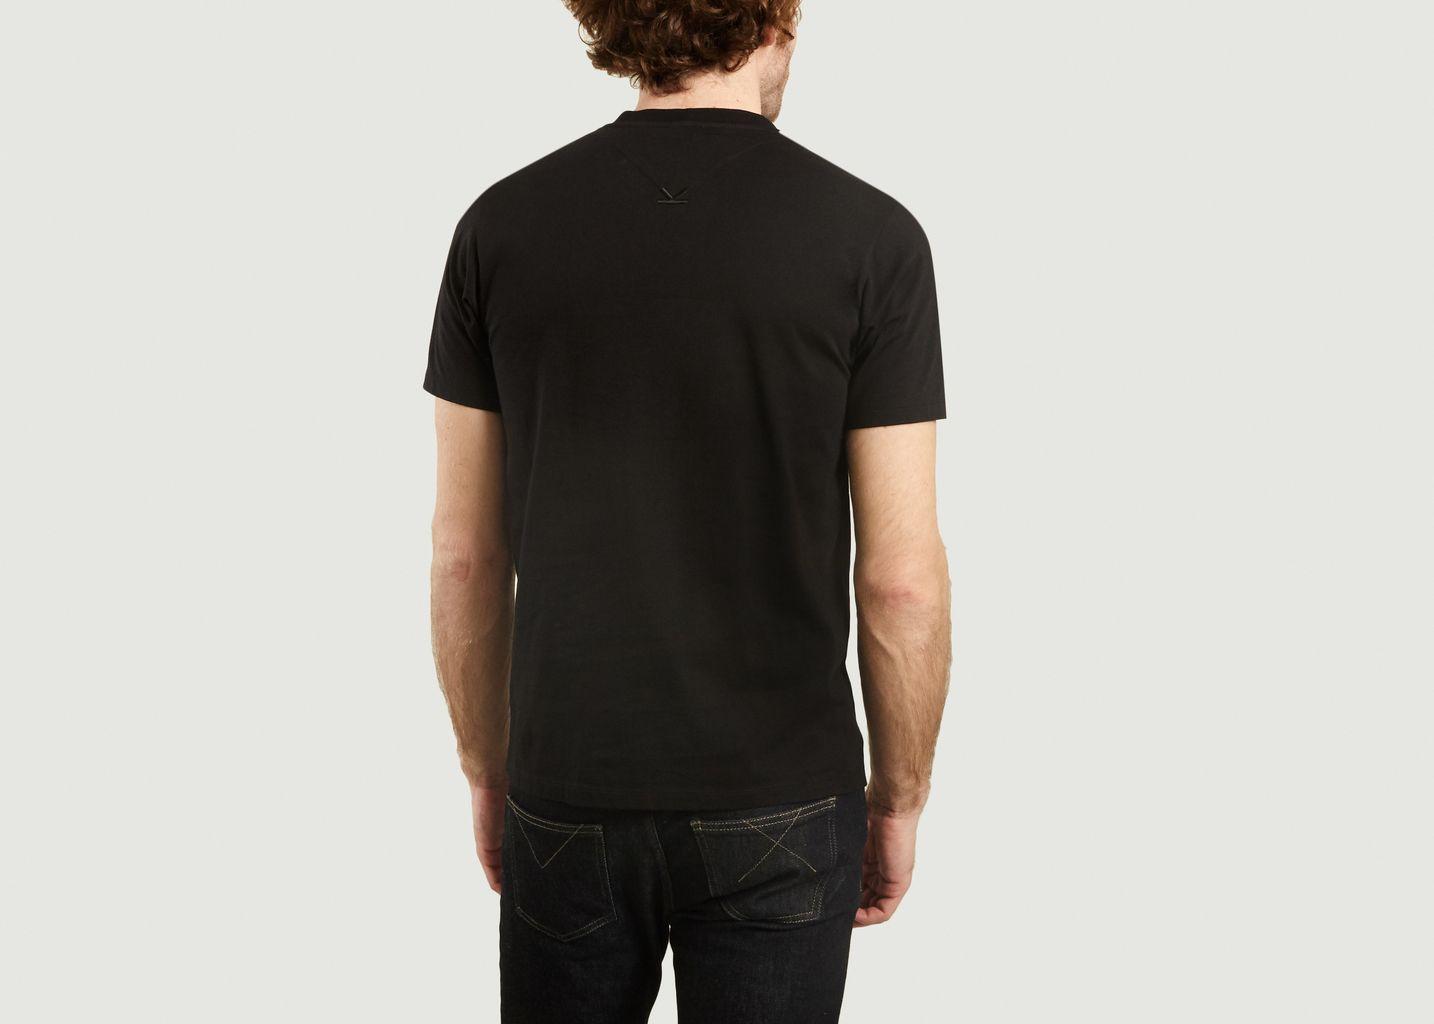 T-Shirt Kenzo Seasonal - Kenzo